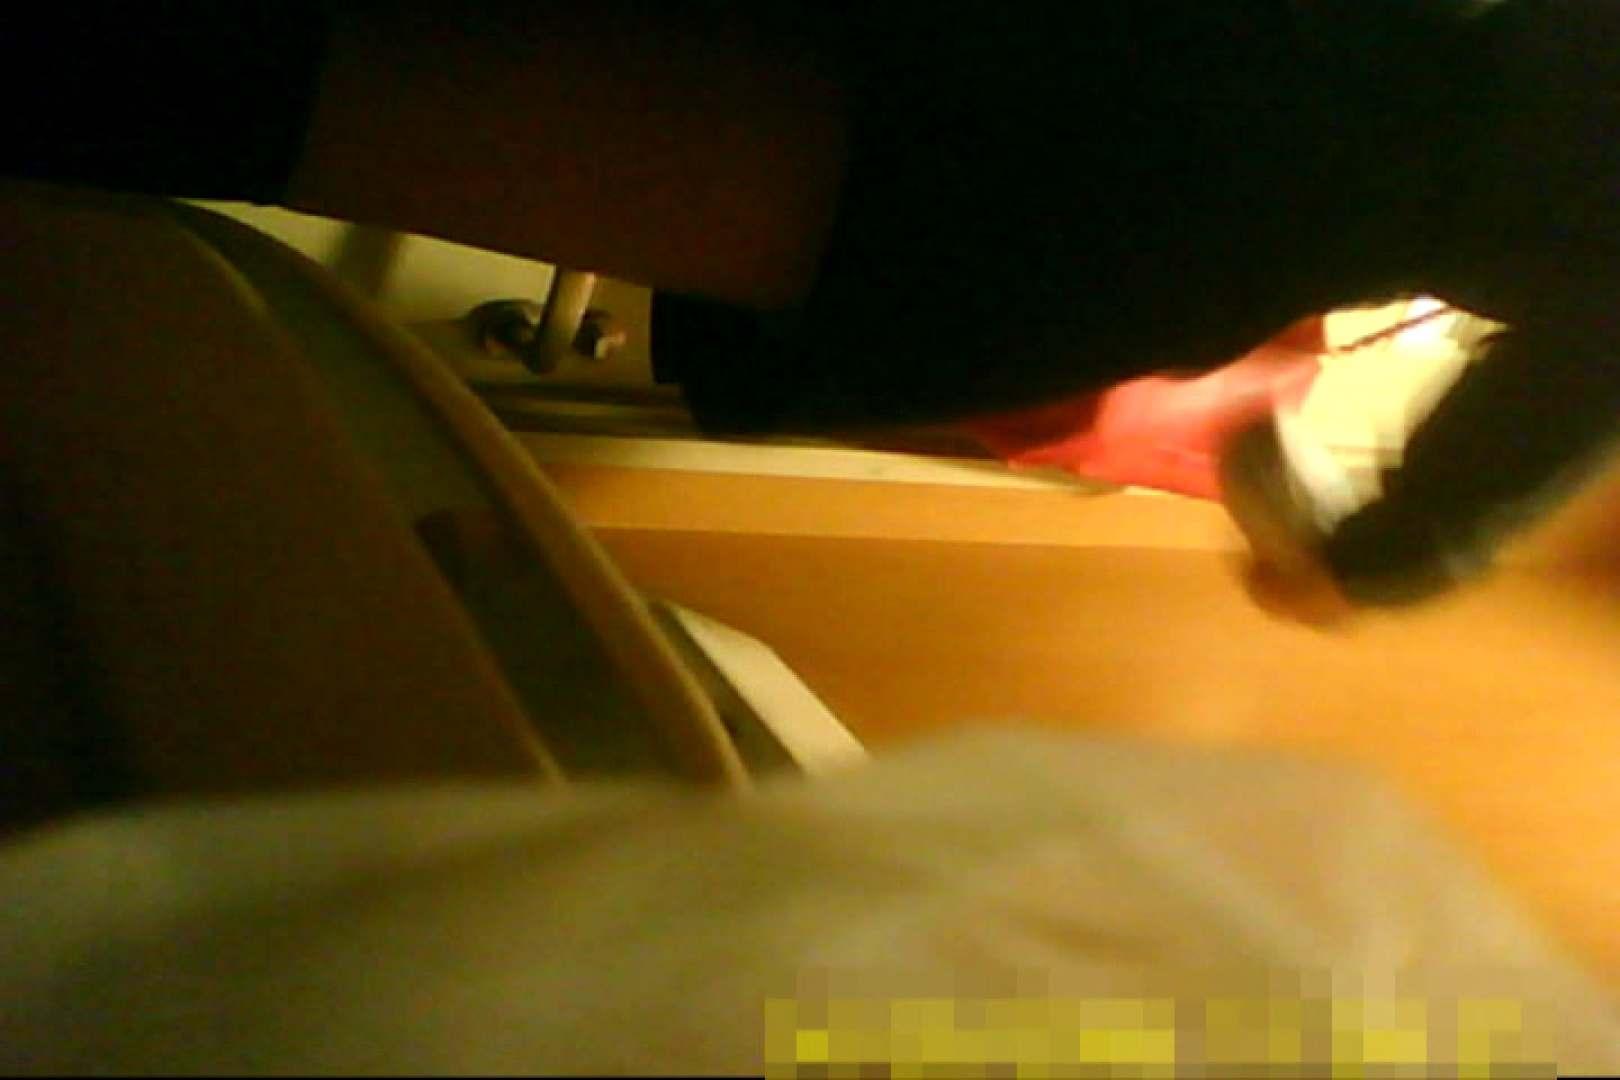 魅惑の化粧室~禁断のプライベート空間~vol.9 ぽっちゃり オマンコ無修正動画無料 56pic 31